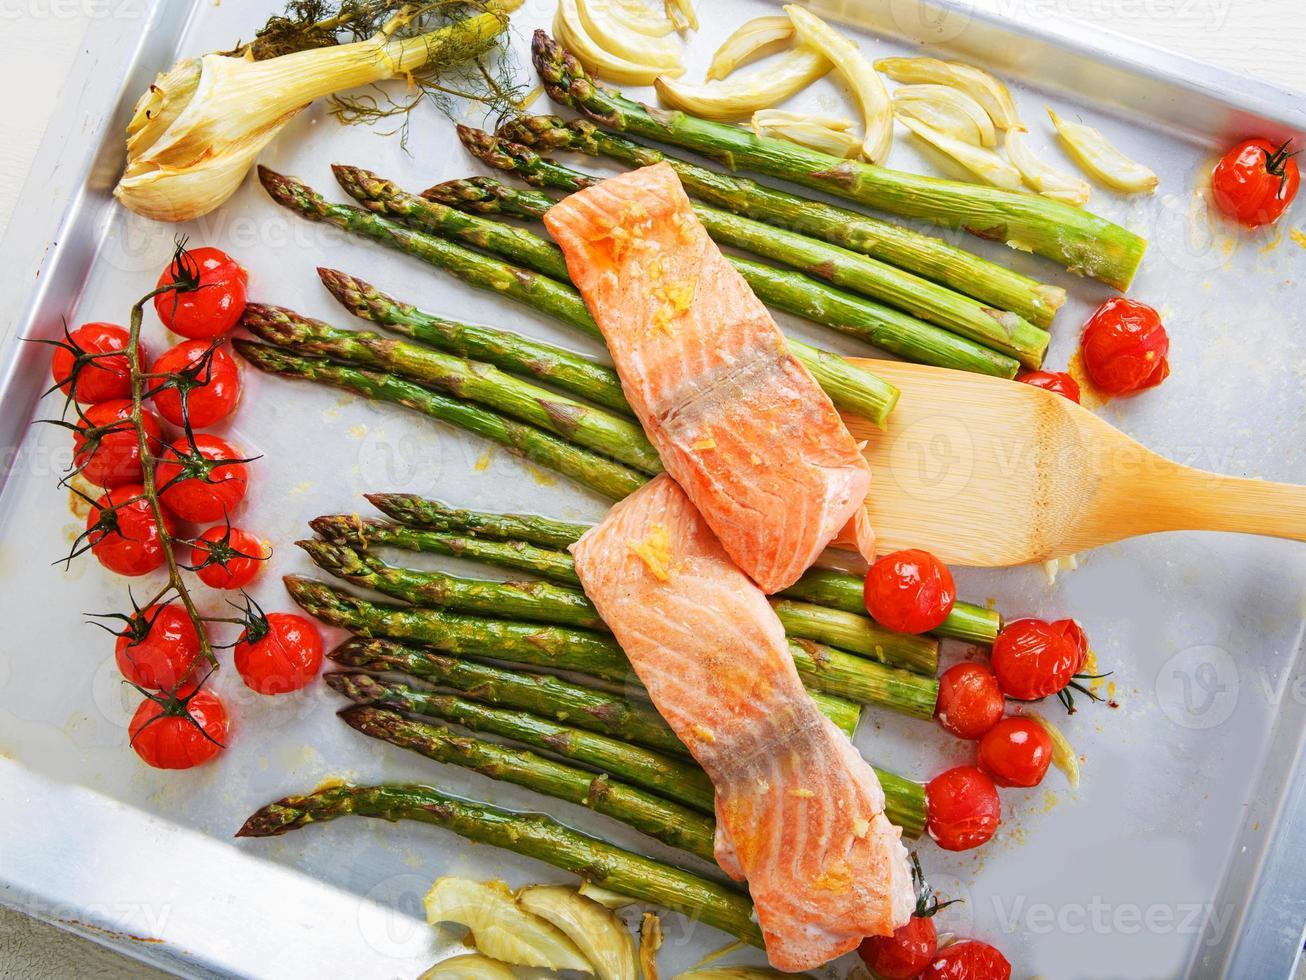 zalmvis en groene asperges, kerstomaatjes, venkel foto